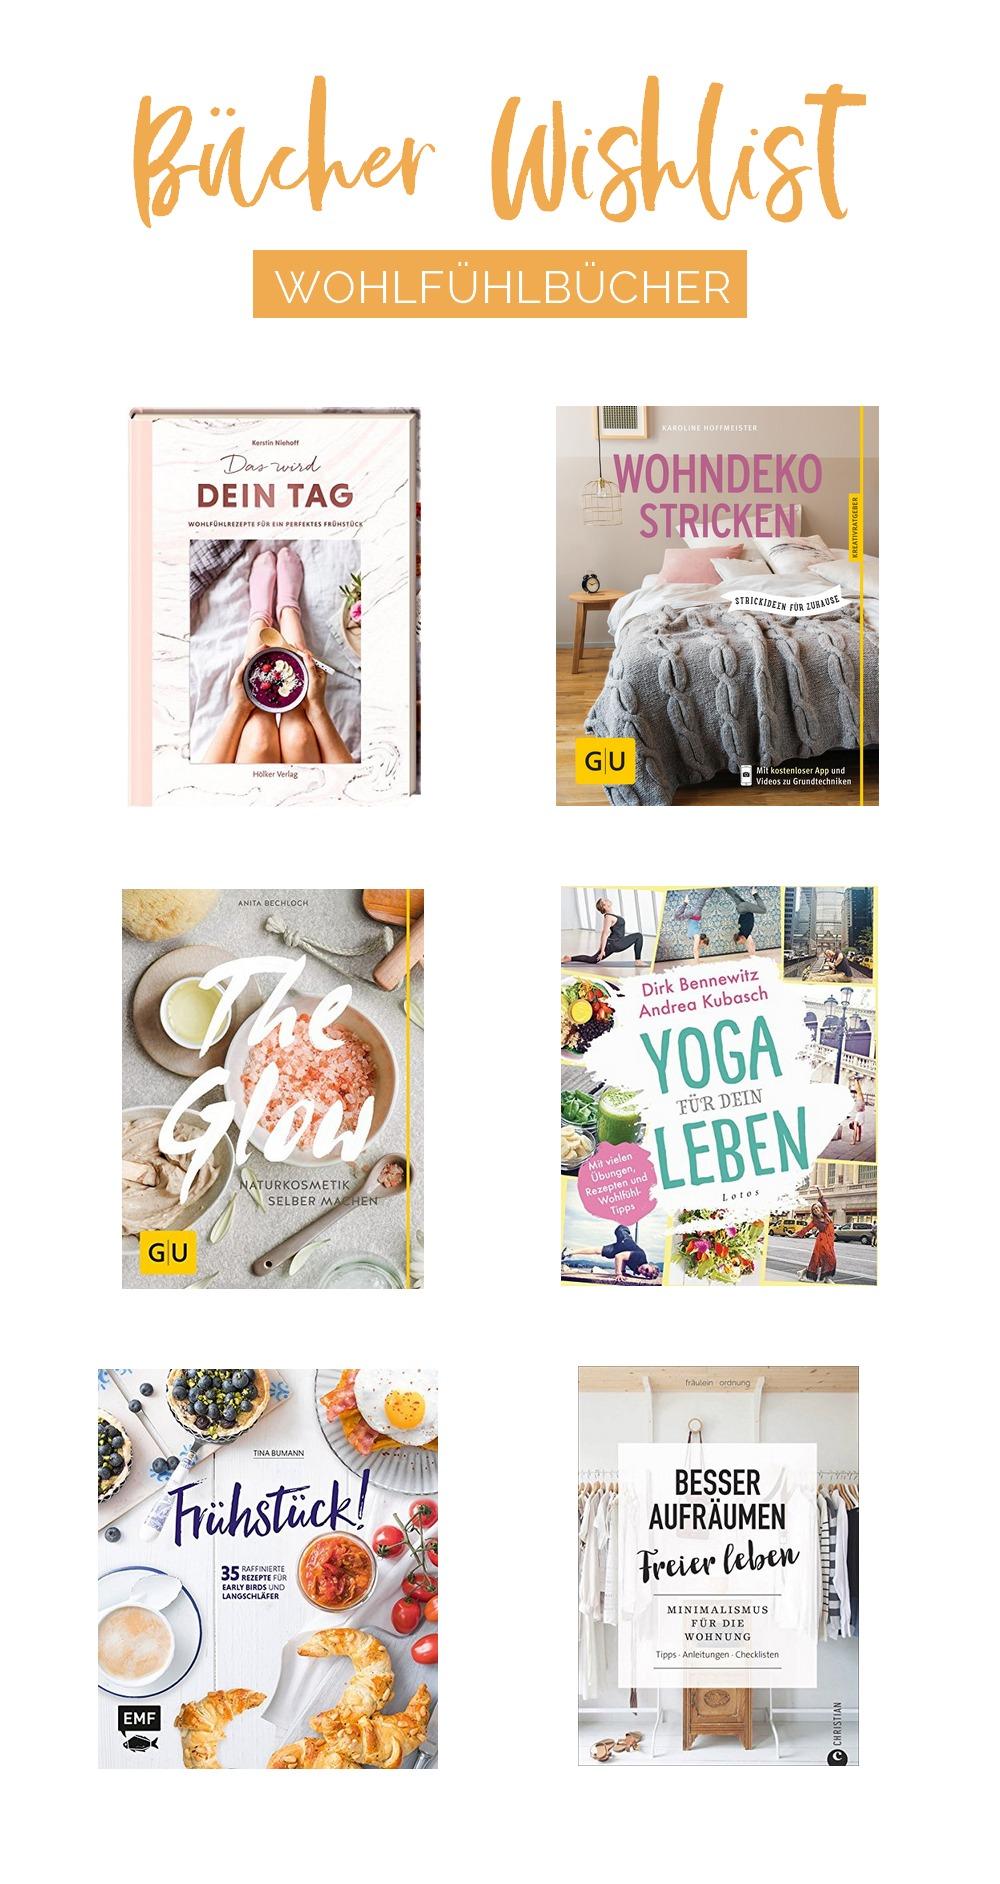 Auf meiner Bücher Wishlist: 6 Wohlfühlbücher für den Herbst